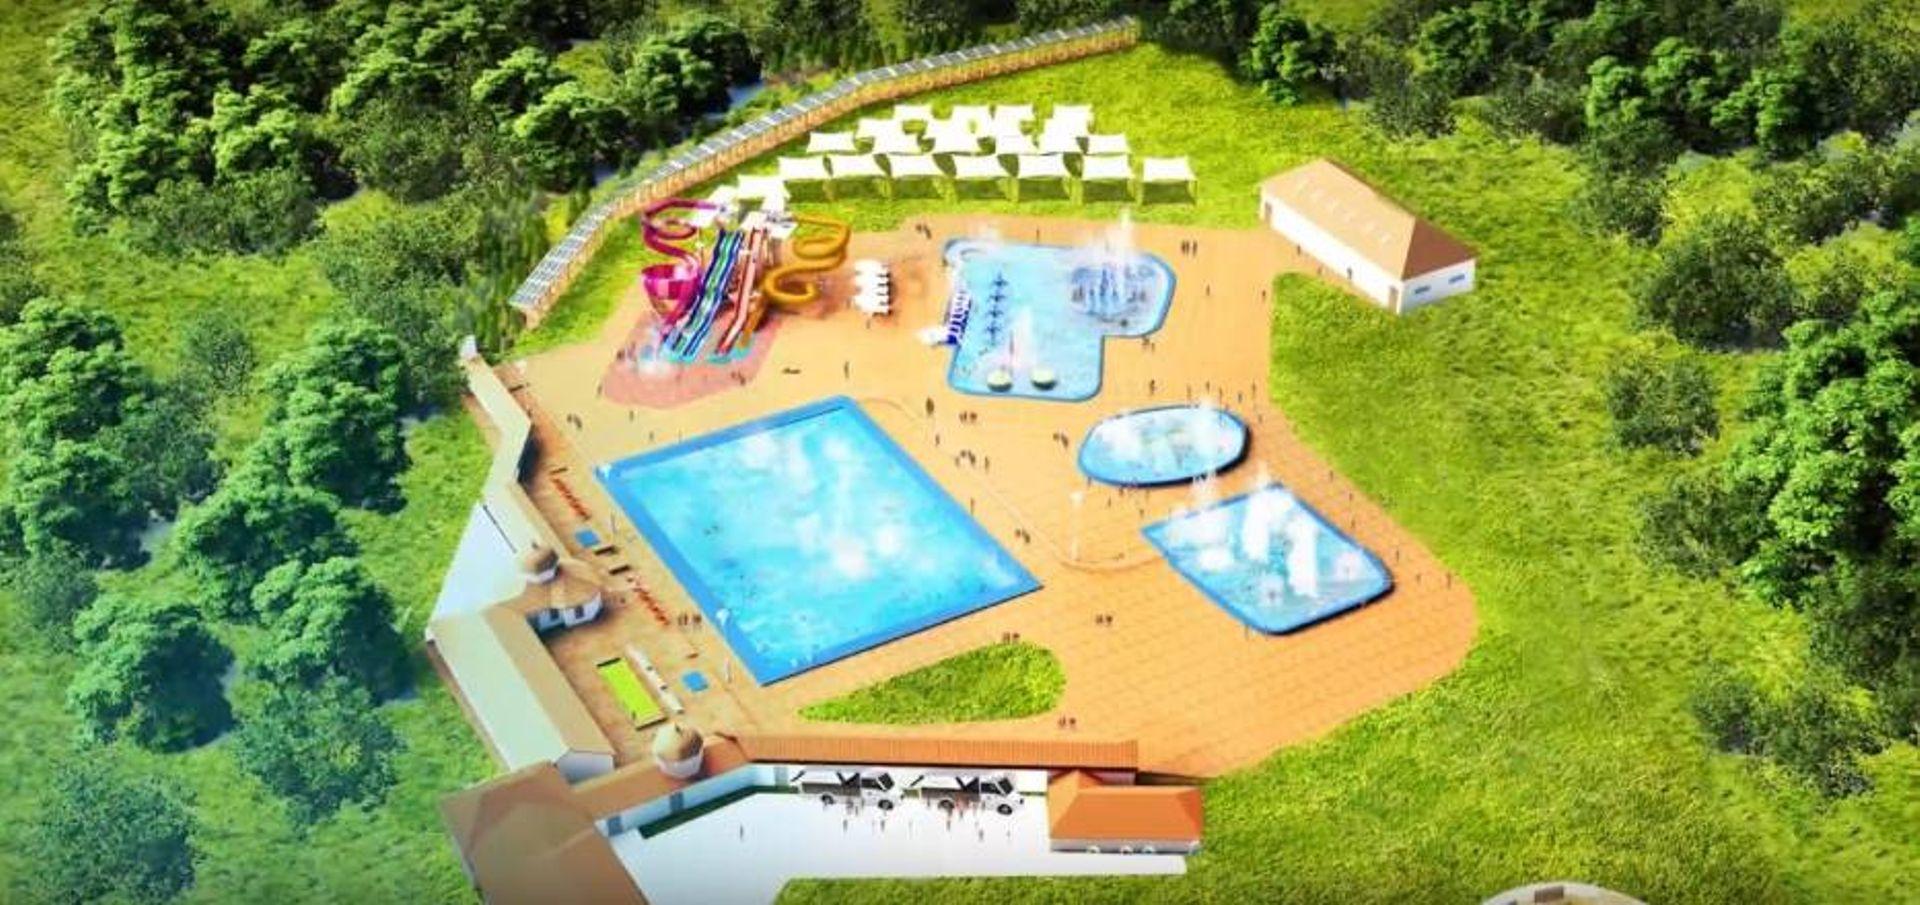 Dolny Śląsk: Legnica wybuduje Letni Park Wodny Aquafun